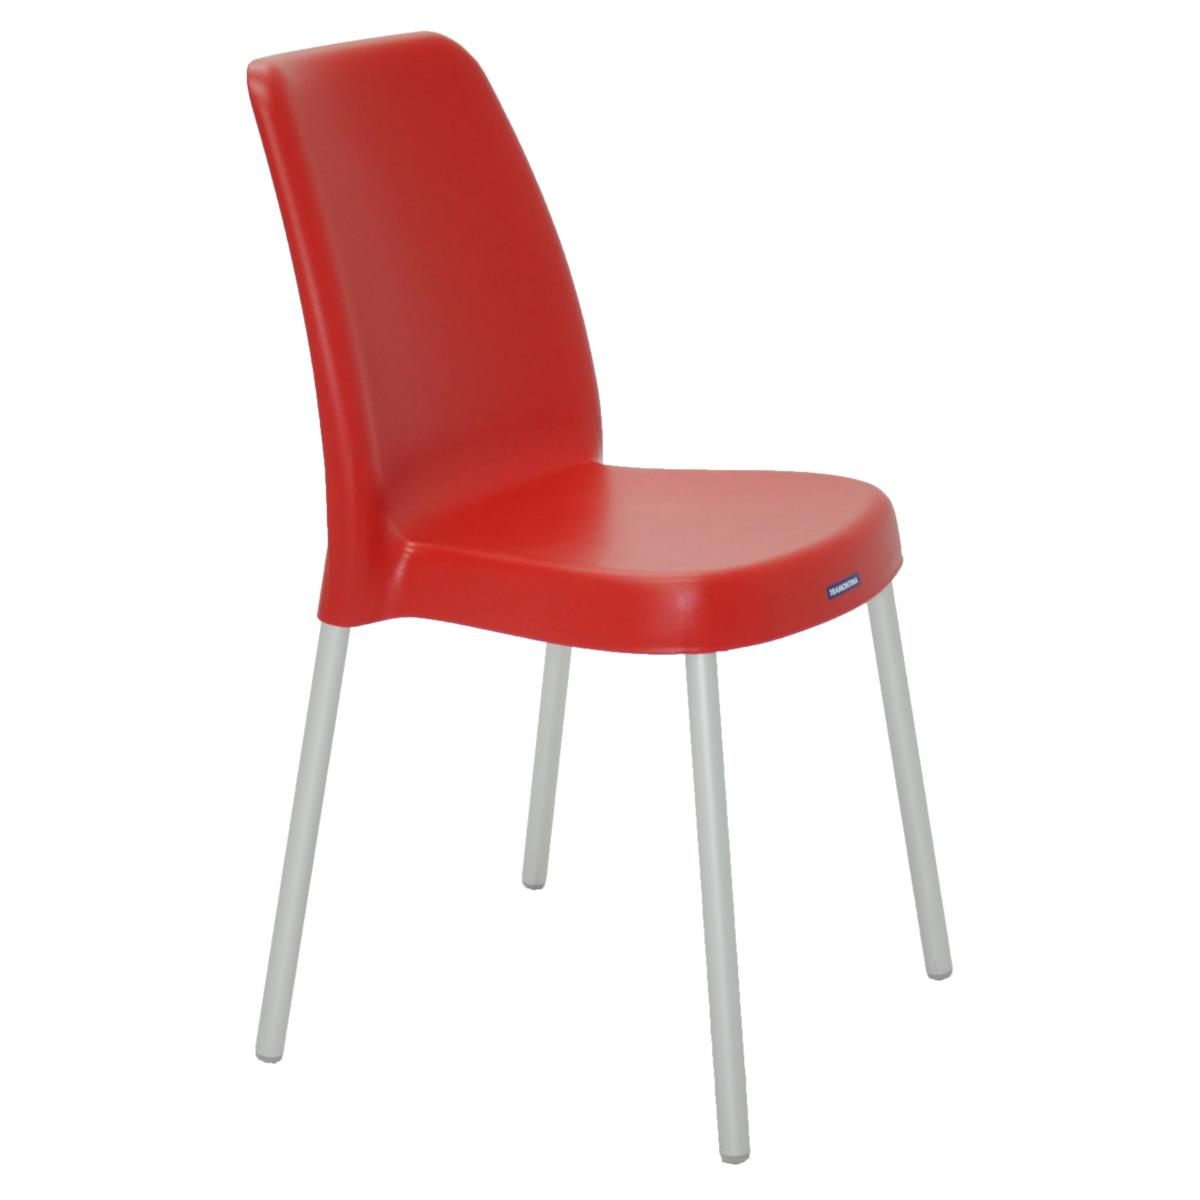 Cadeira Tramontina Vermelha Vanda em Polipropileno com Pernas de Aluminio